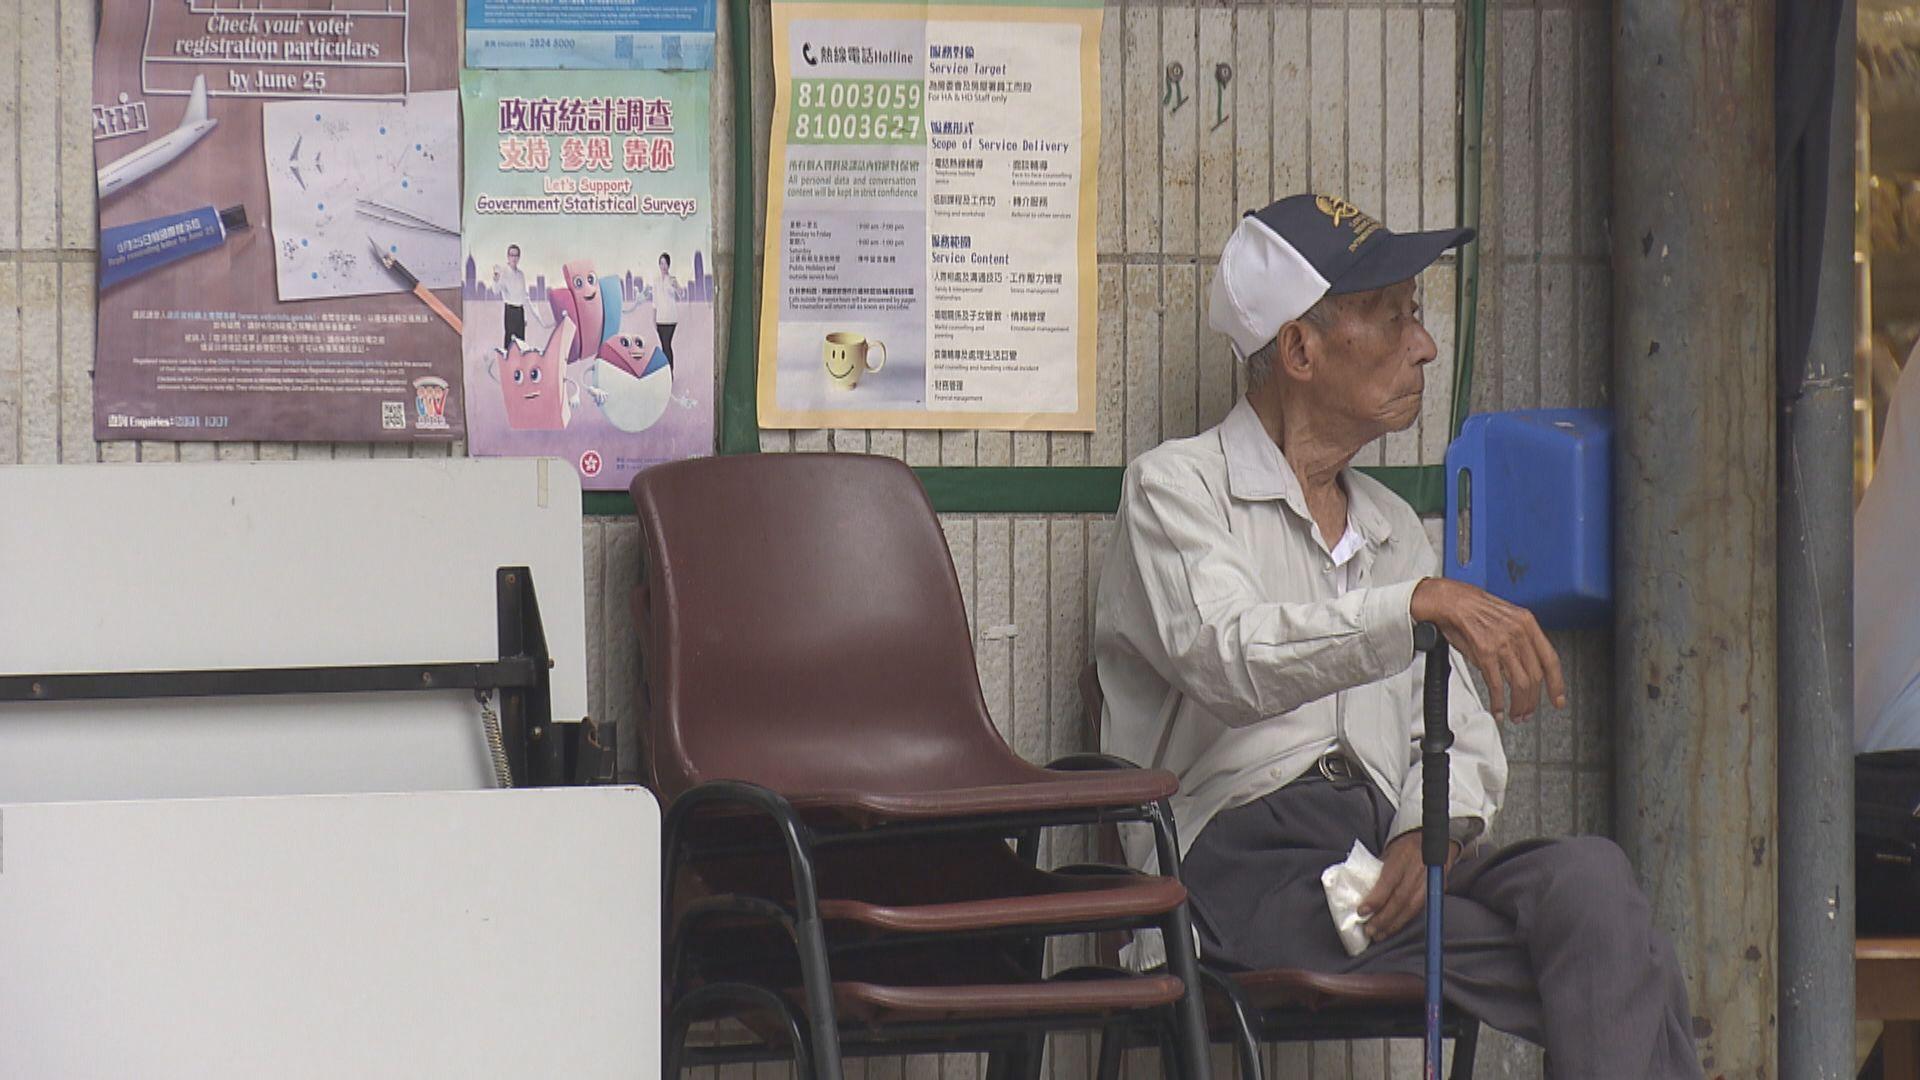 社聯調查:兩成半高危護老者出現抑鬱